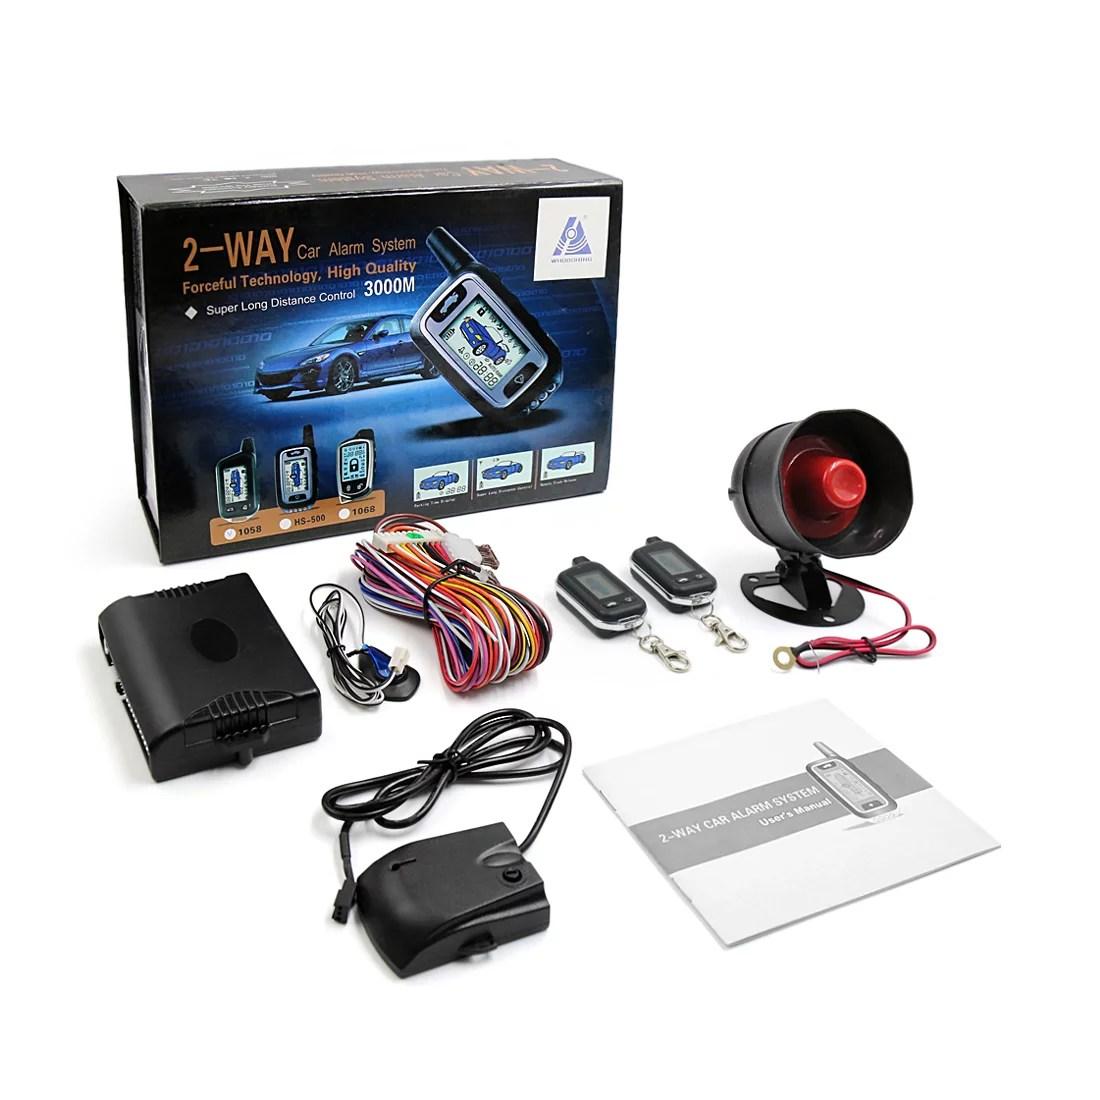 medium resolution of  wiring diagram viper 61399990 528d 4d5a a896 4b44824b5c0a 1 0e14717a7f05b60b30ce08856b09b871 odnwidth 180